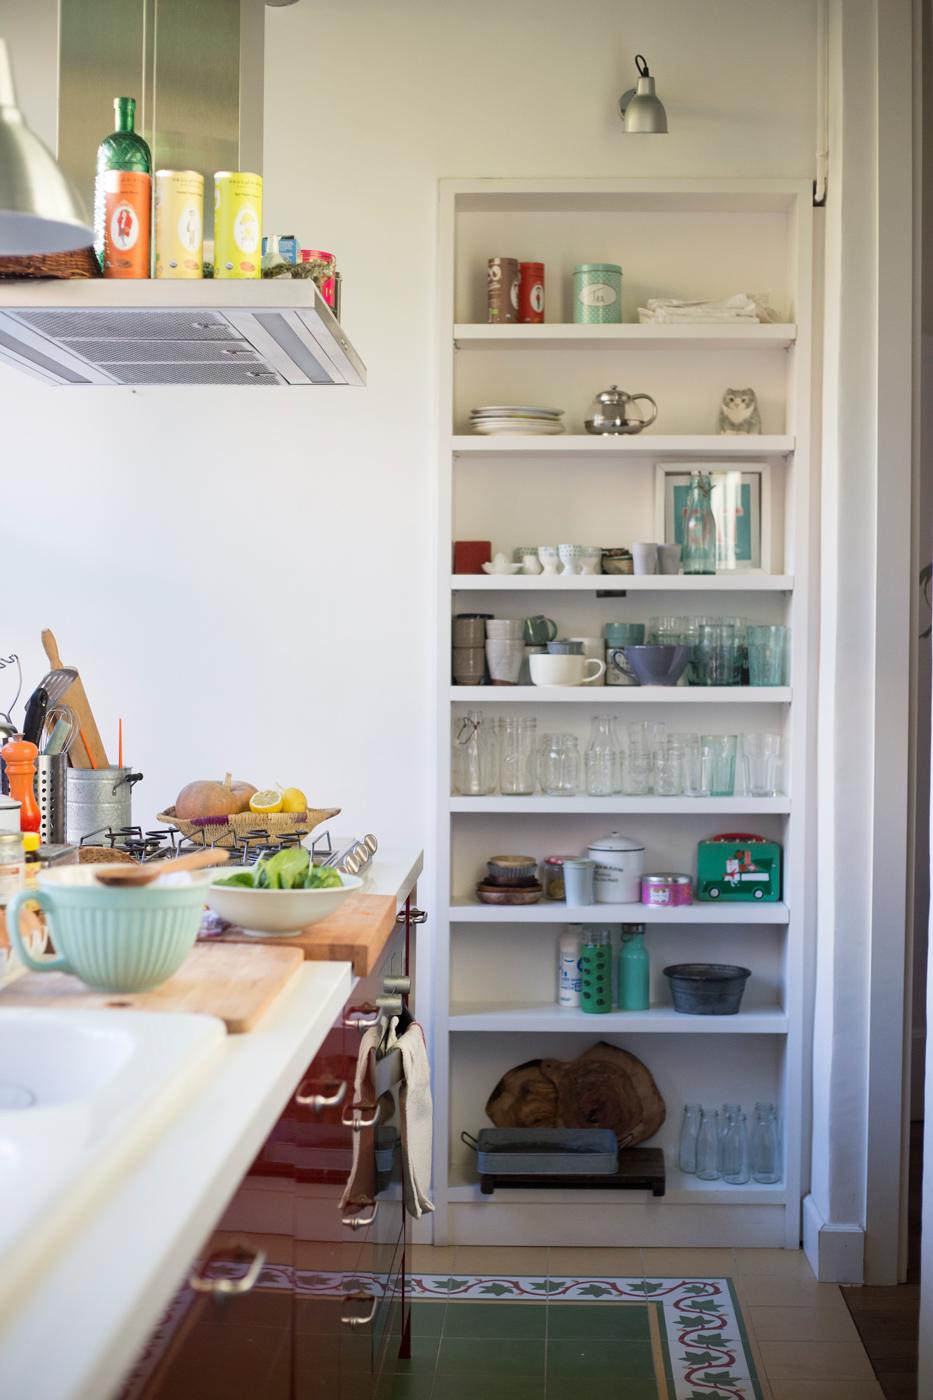 Armario alacena de cocina con estantes449784 O